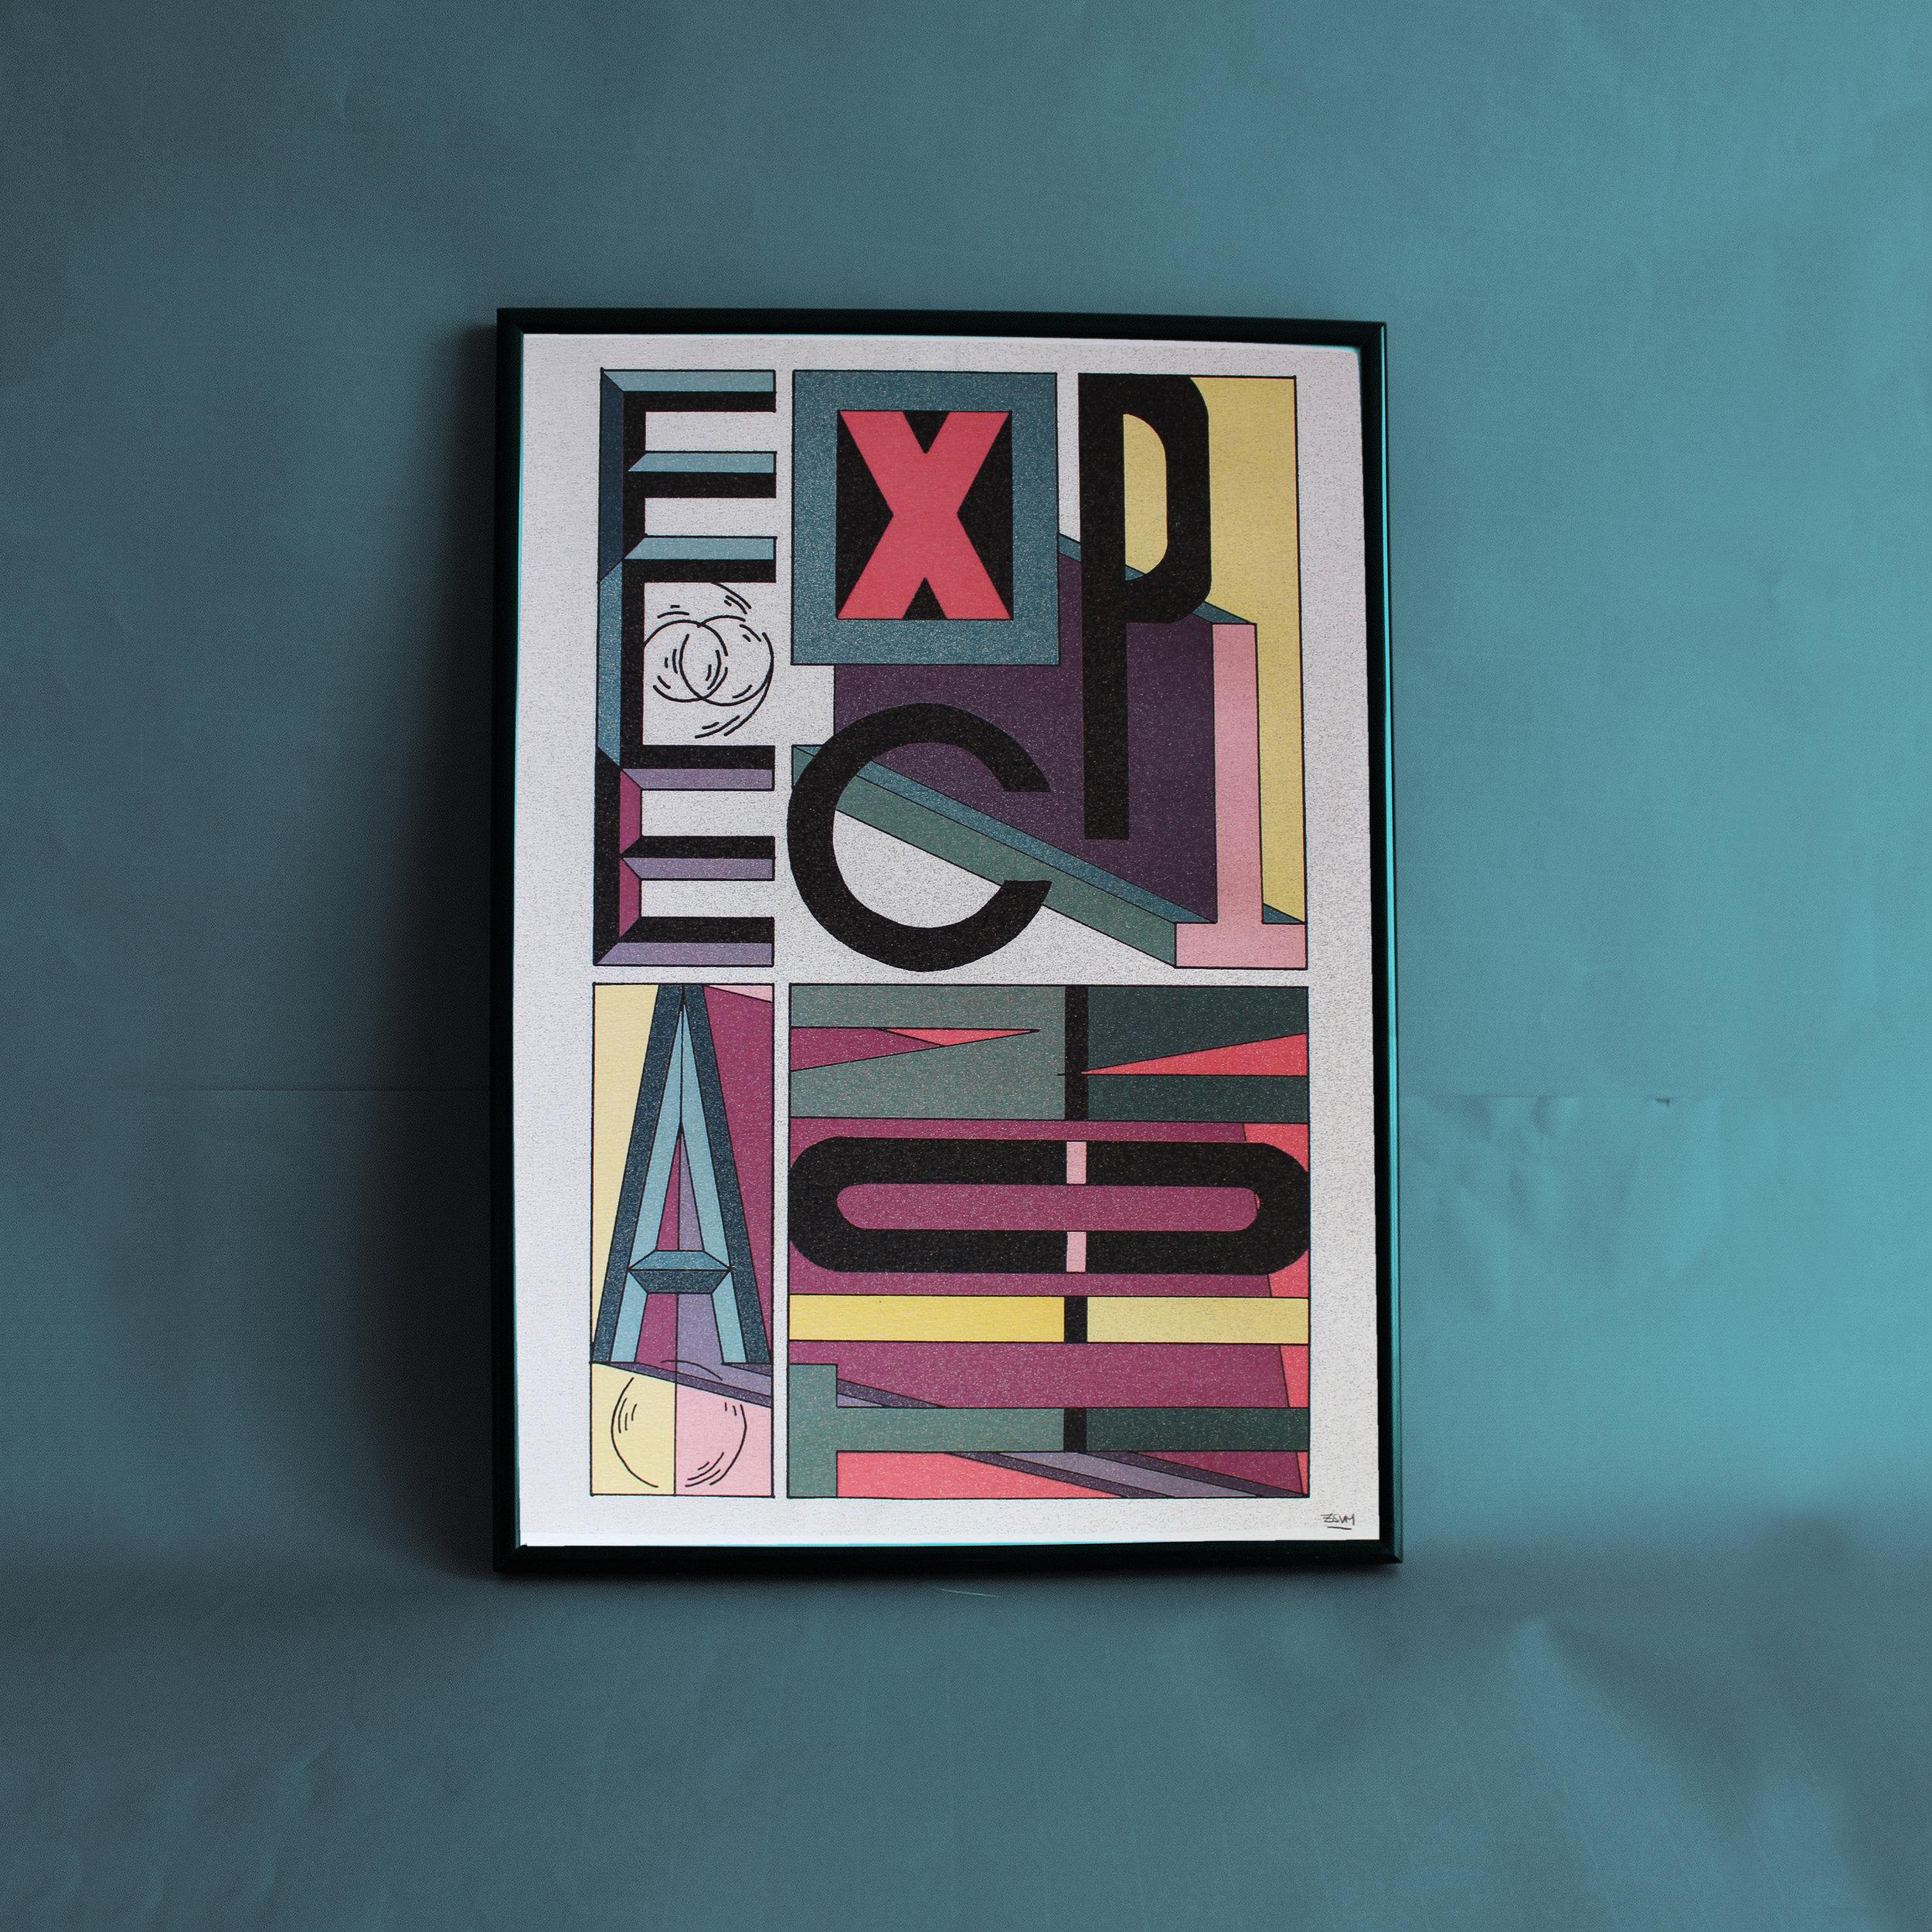 Expectation_framed.jpg